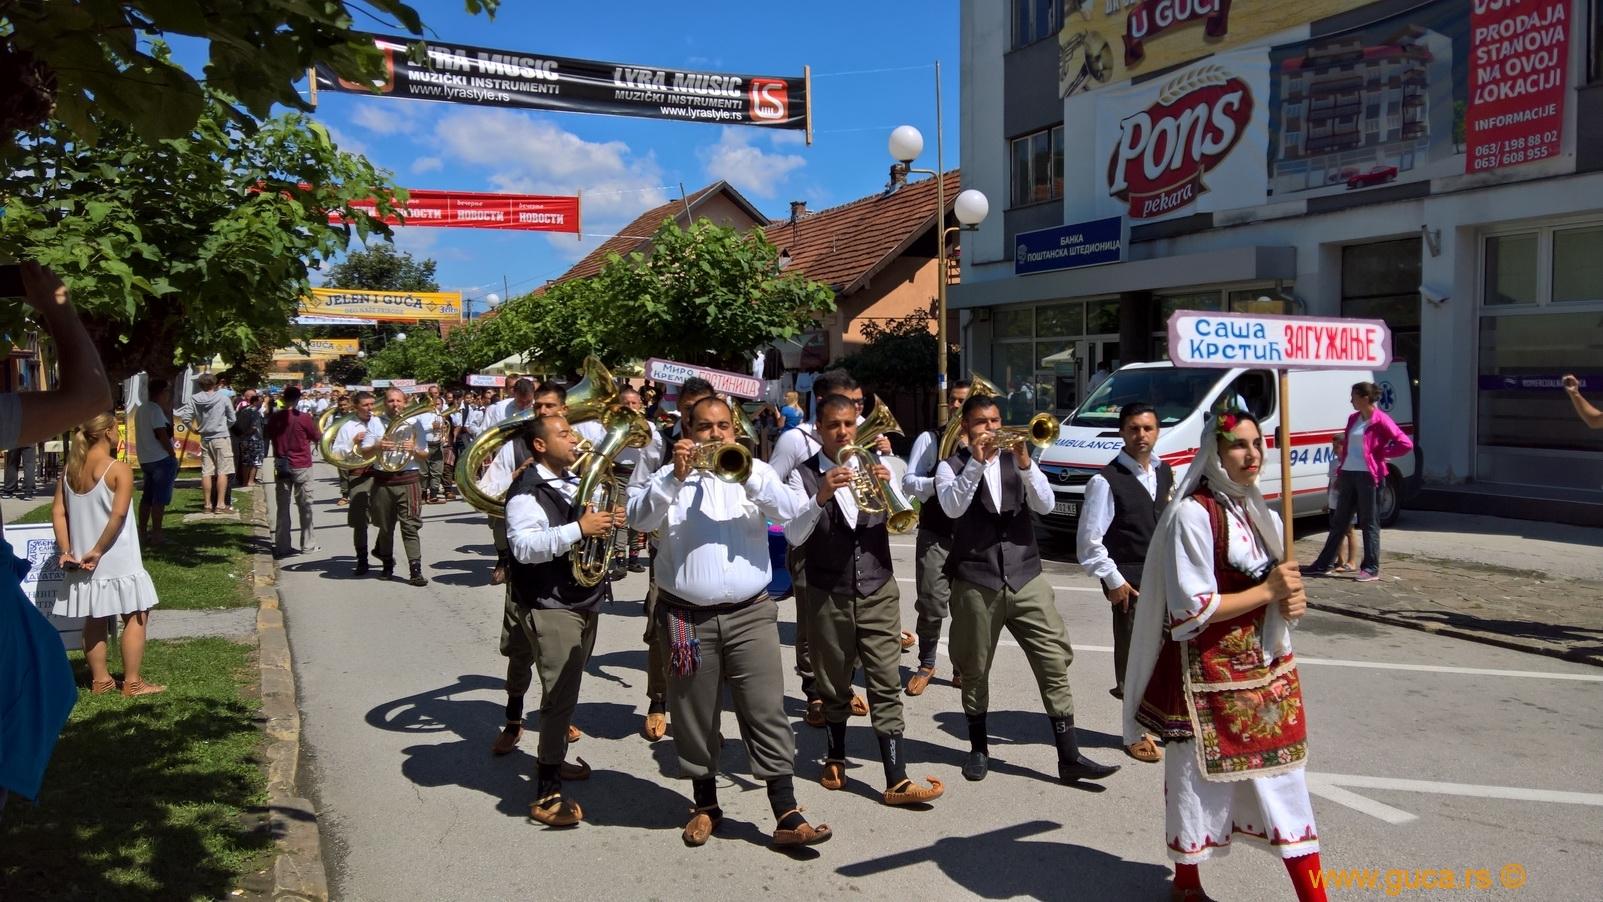 Parade_Guca02